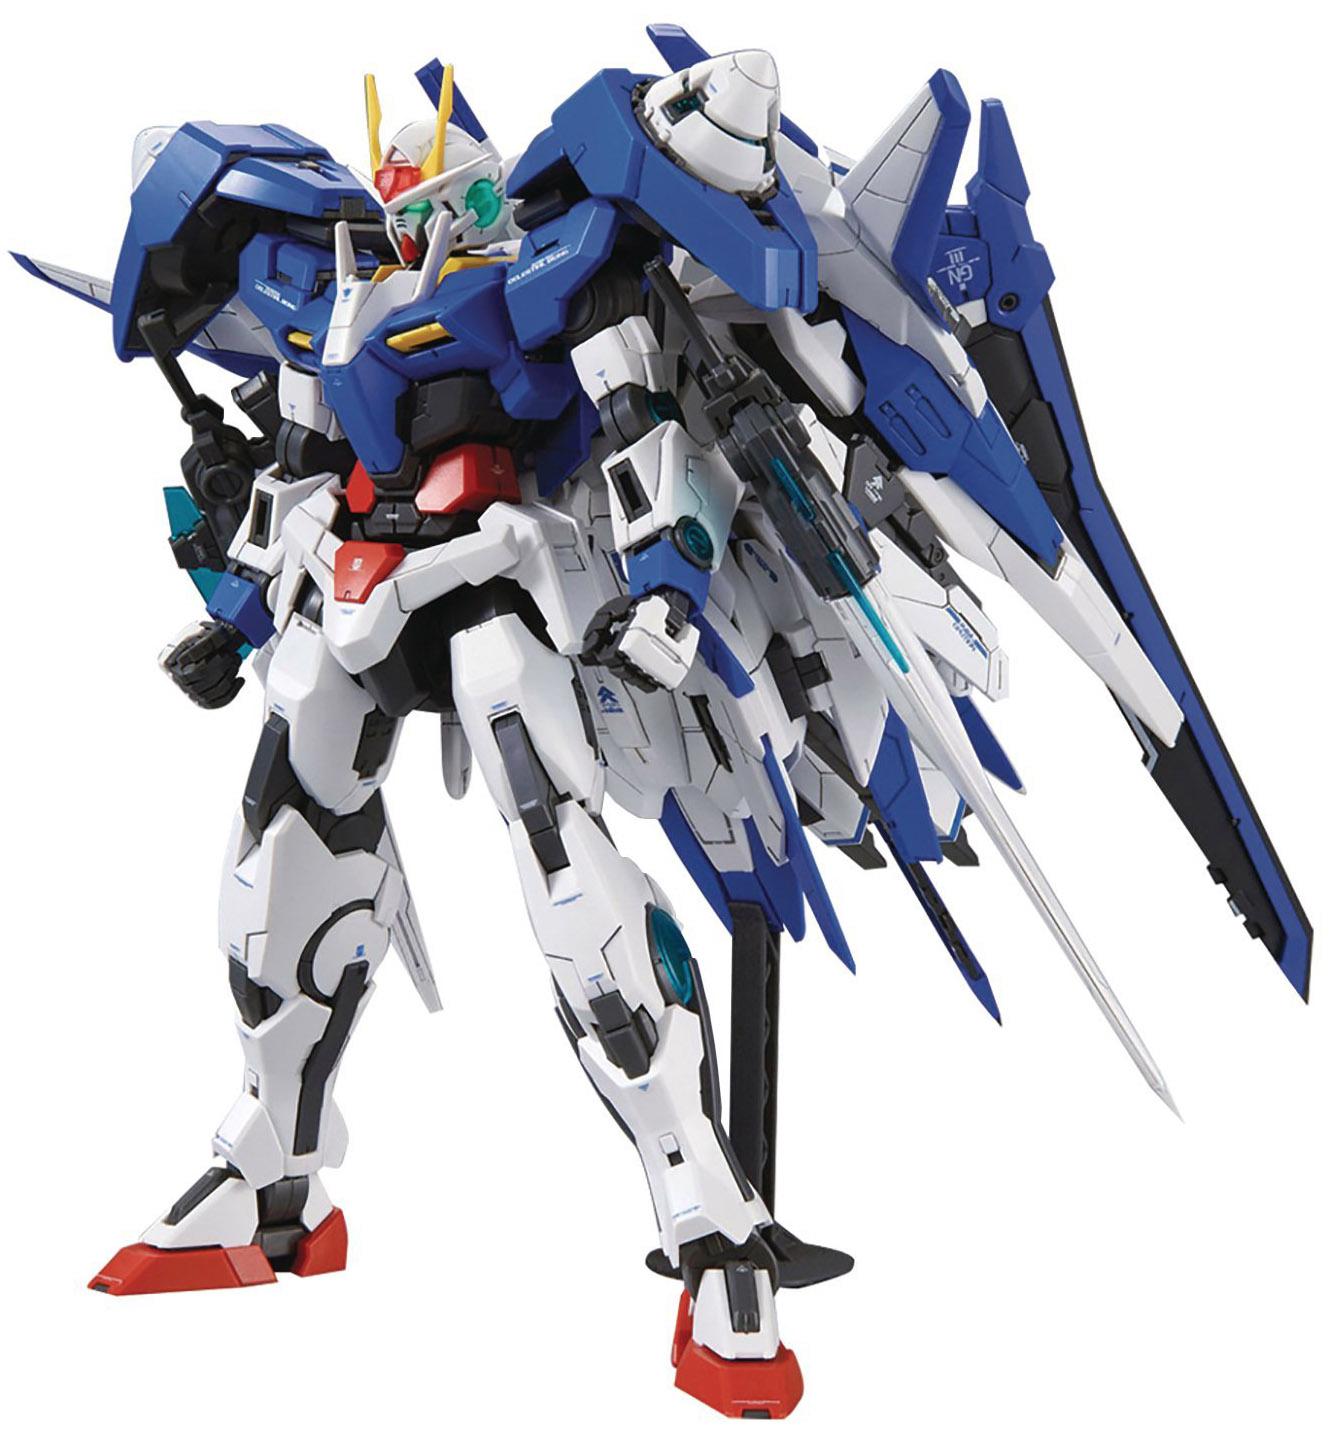 Gundam Master Grade Gundam 00 1/100 Scale Model Kit: GN-0000+GNR ...